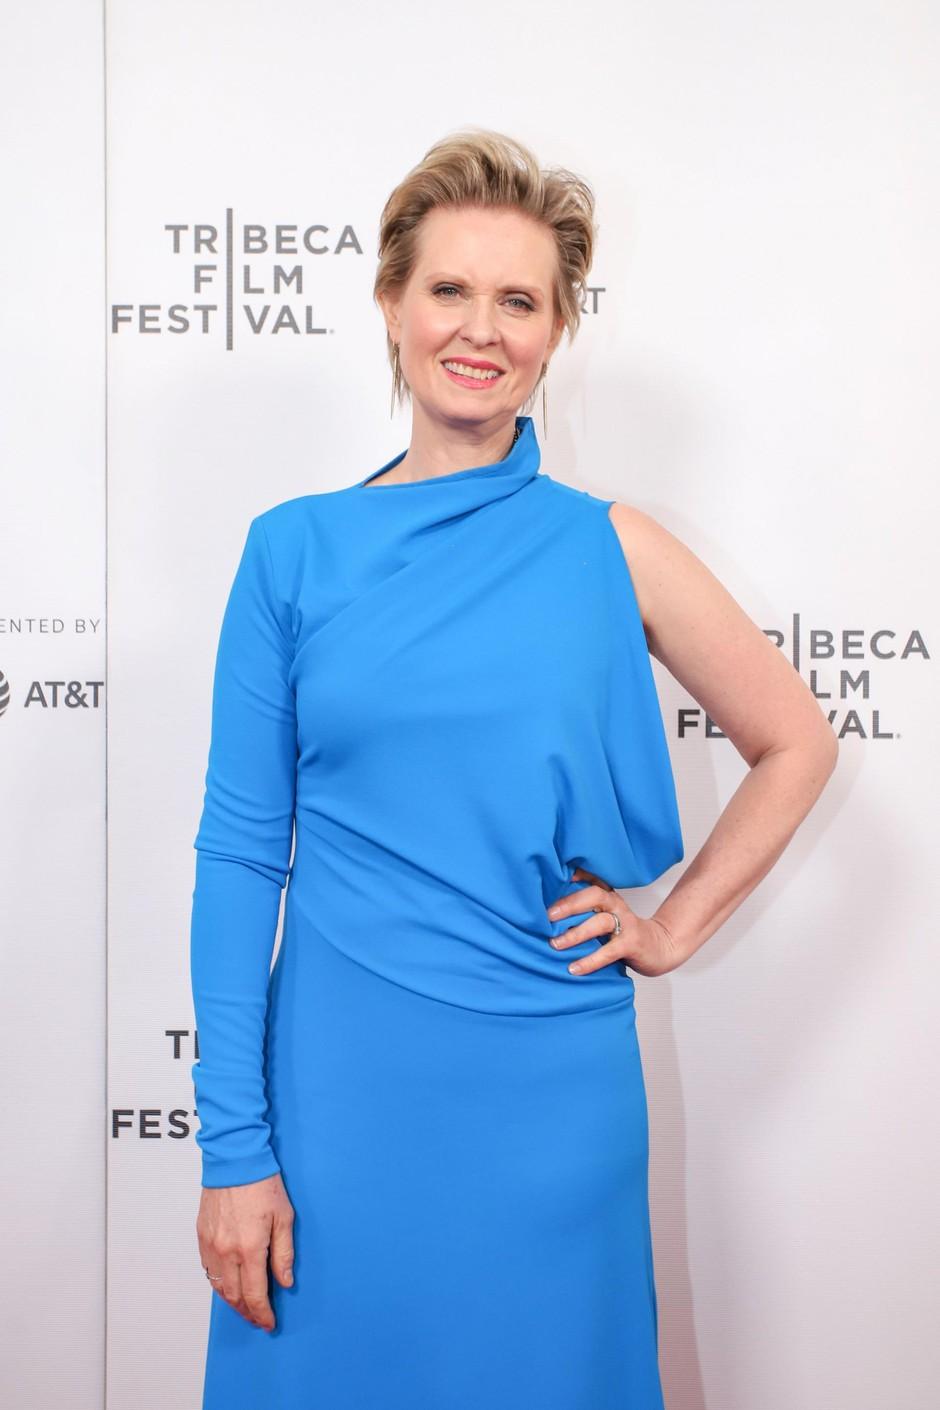 Cynthia Nixon<br />Vsi poznamo igralko Cynthio Nixon (53 let) po vlogi Mirande v seriji Seks v mestu. Leta 2006 je izvedela, da ima raka na dojki. Tudi njena mama ga je imela in po tem, ko ga je Cynthia premagala, je postala aktivistka v boju proti tej nevarni bolezni. (foto: Profimedia Profimedia, Splash - Aktivní)